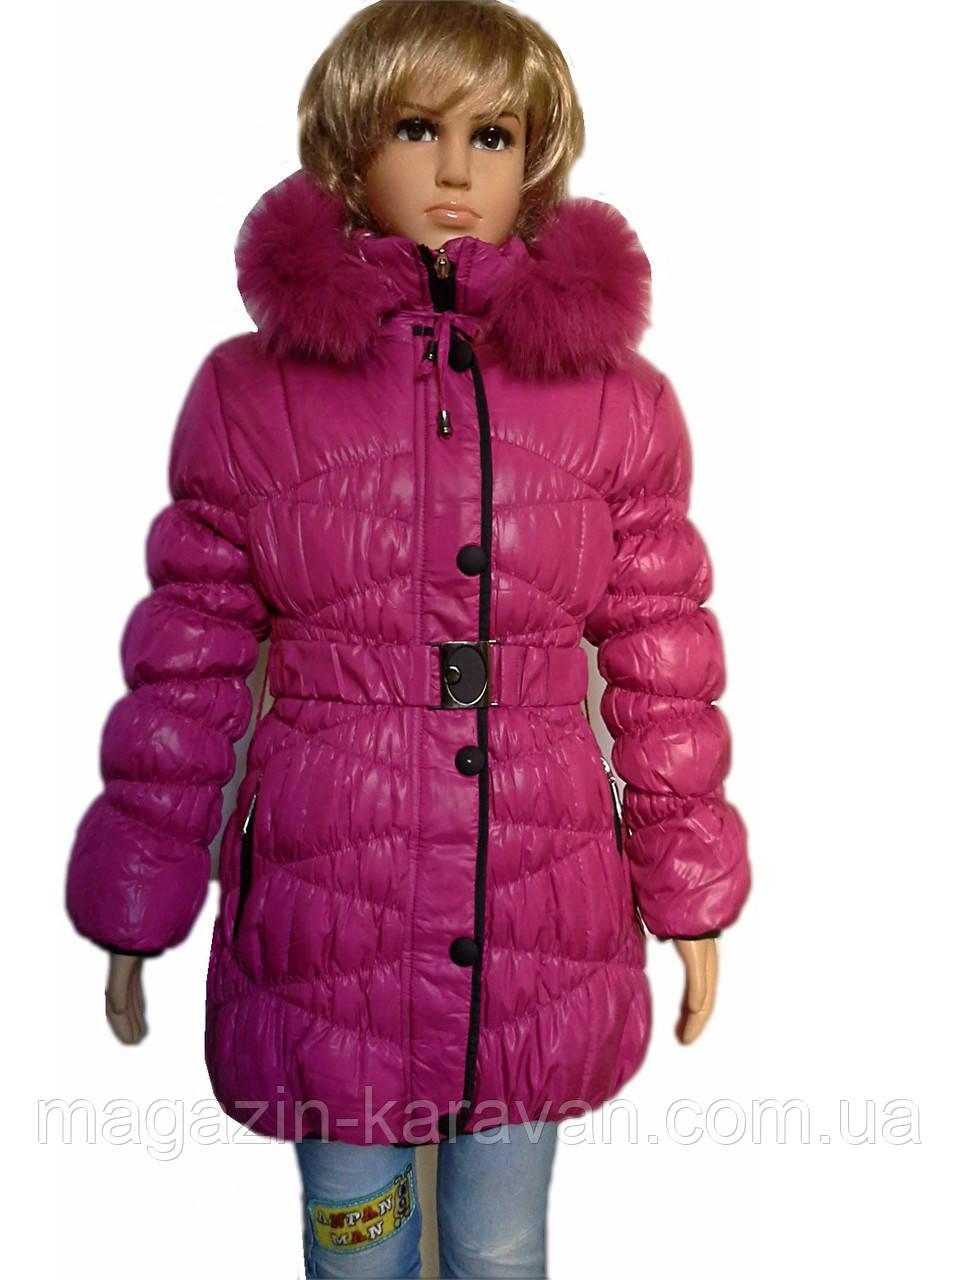 Зимняя куртка детская СУ-03